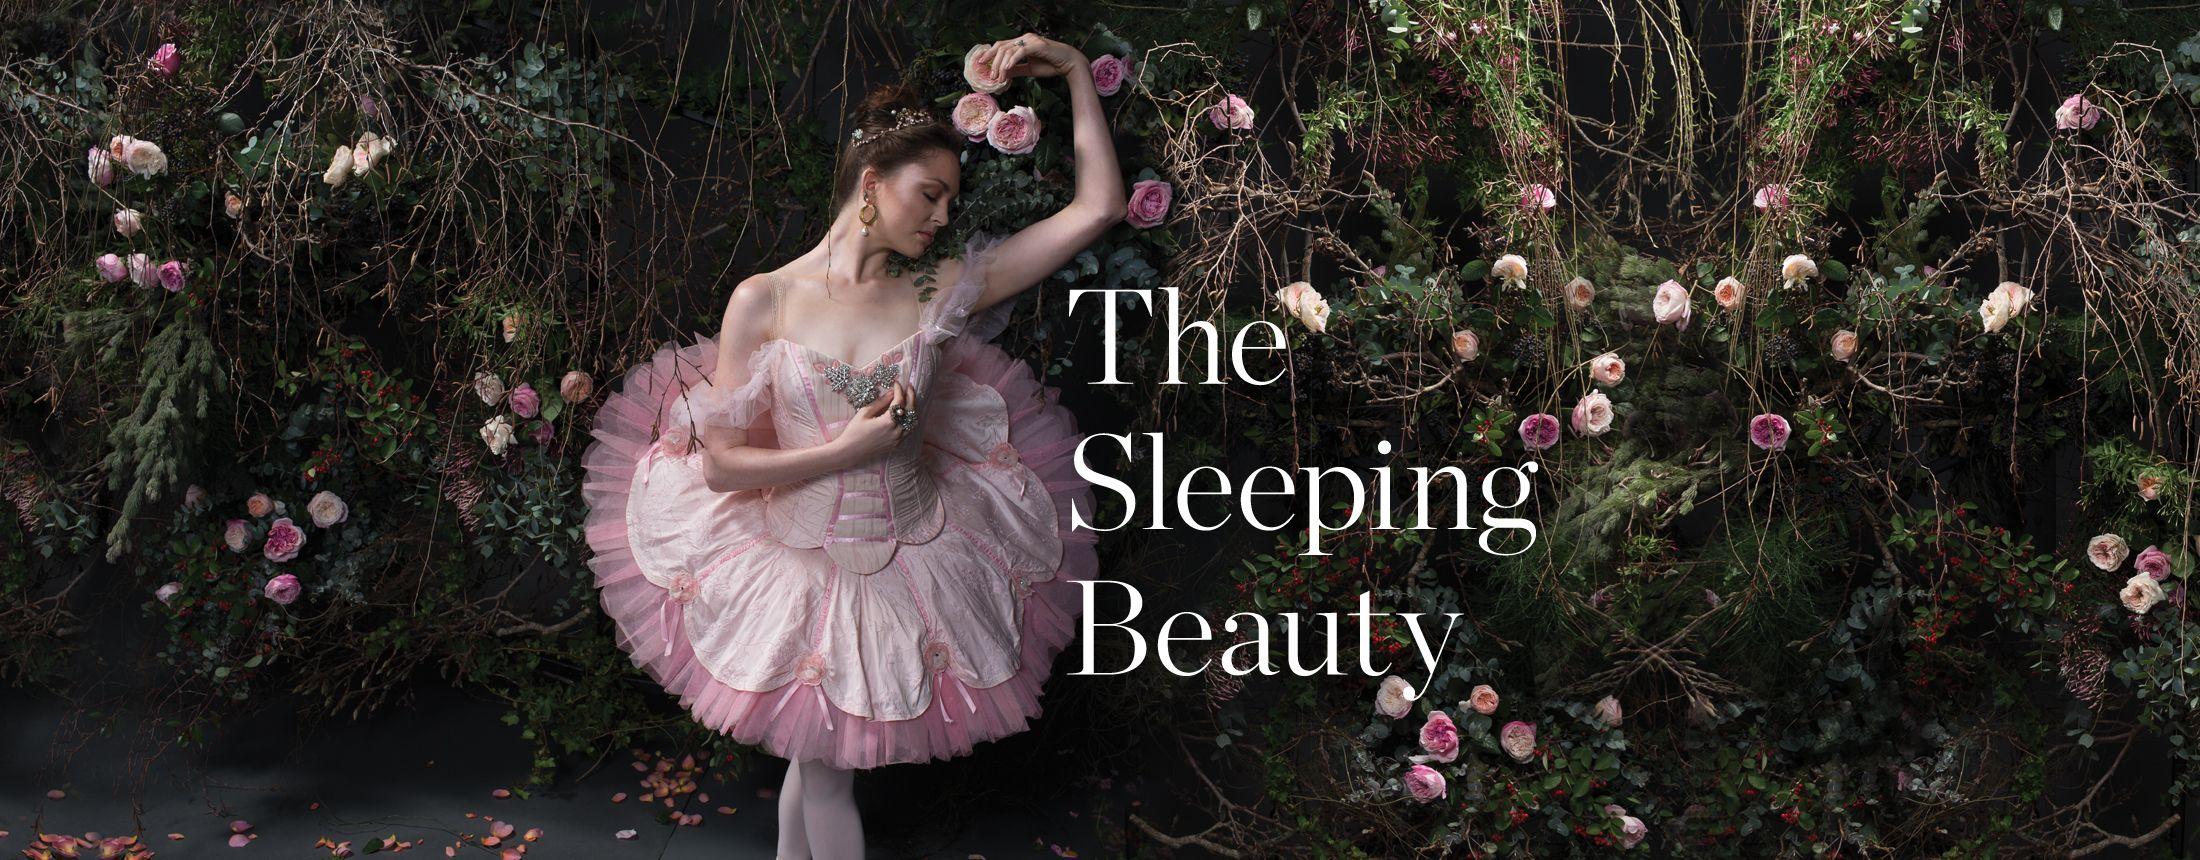 眠りの森の美女のポスター